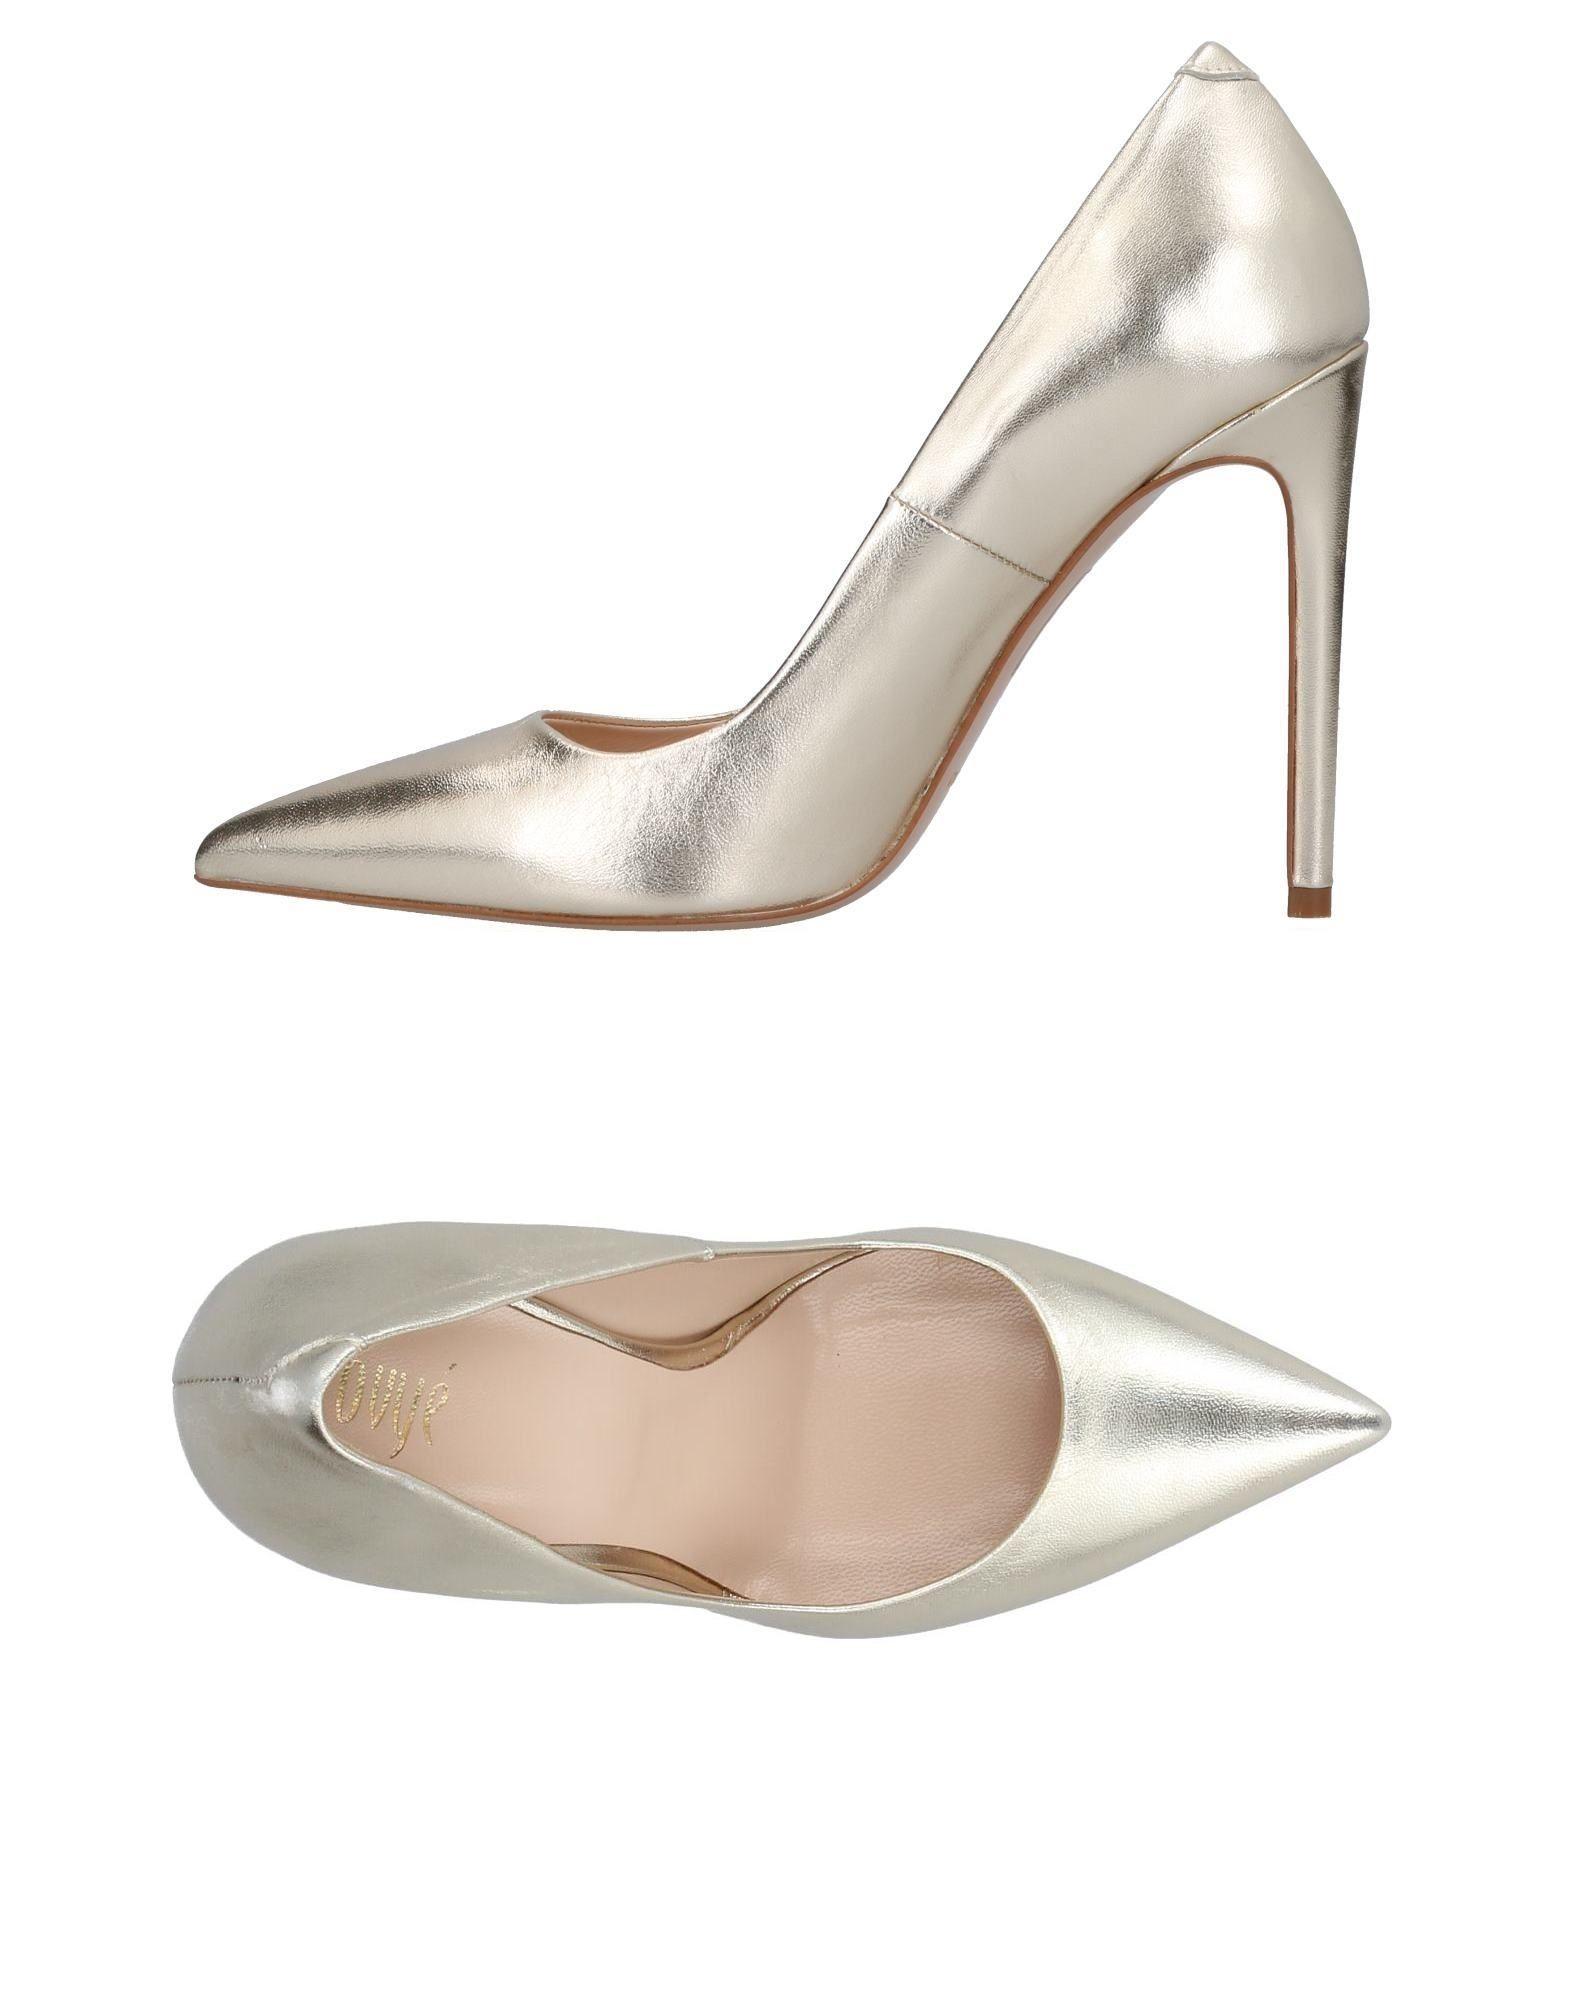 Ovye' By Cristina Lucchi Pumps Damen  11376584EJ Gute Qualität beliebte Schuhe